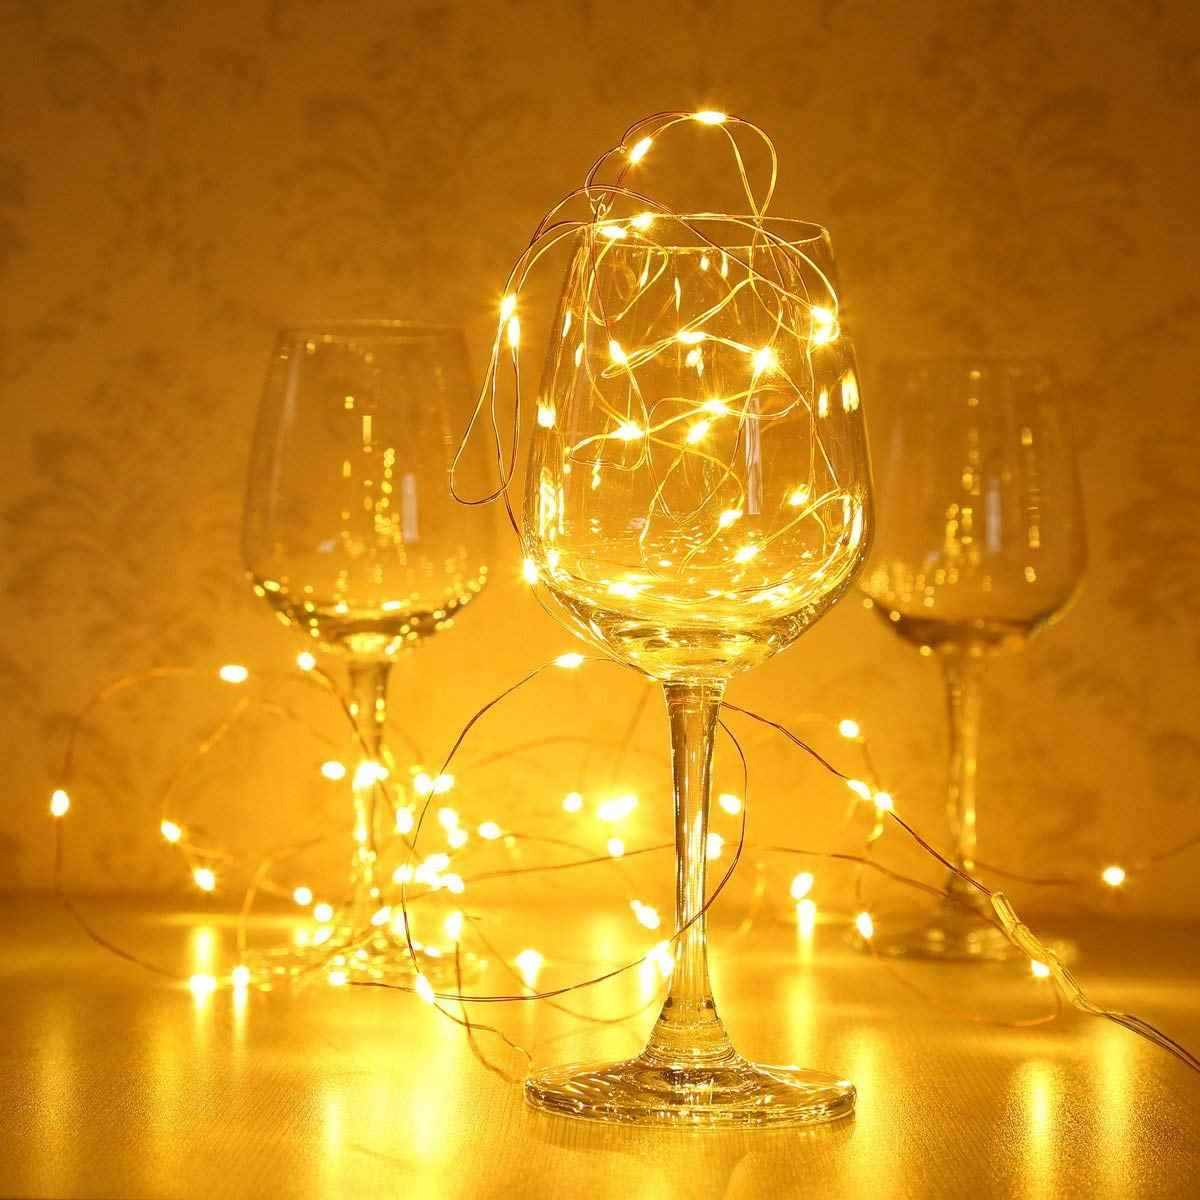 Светодиодный гирлянды для Рождественская гирлянда Новогодняя гирлянда вечерние свадебные украшения дома сказочные огни батарея